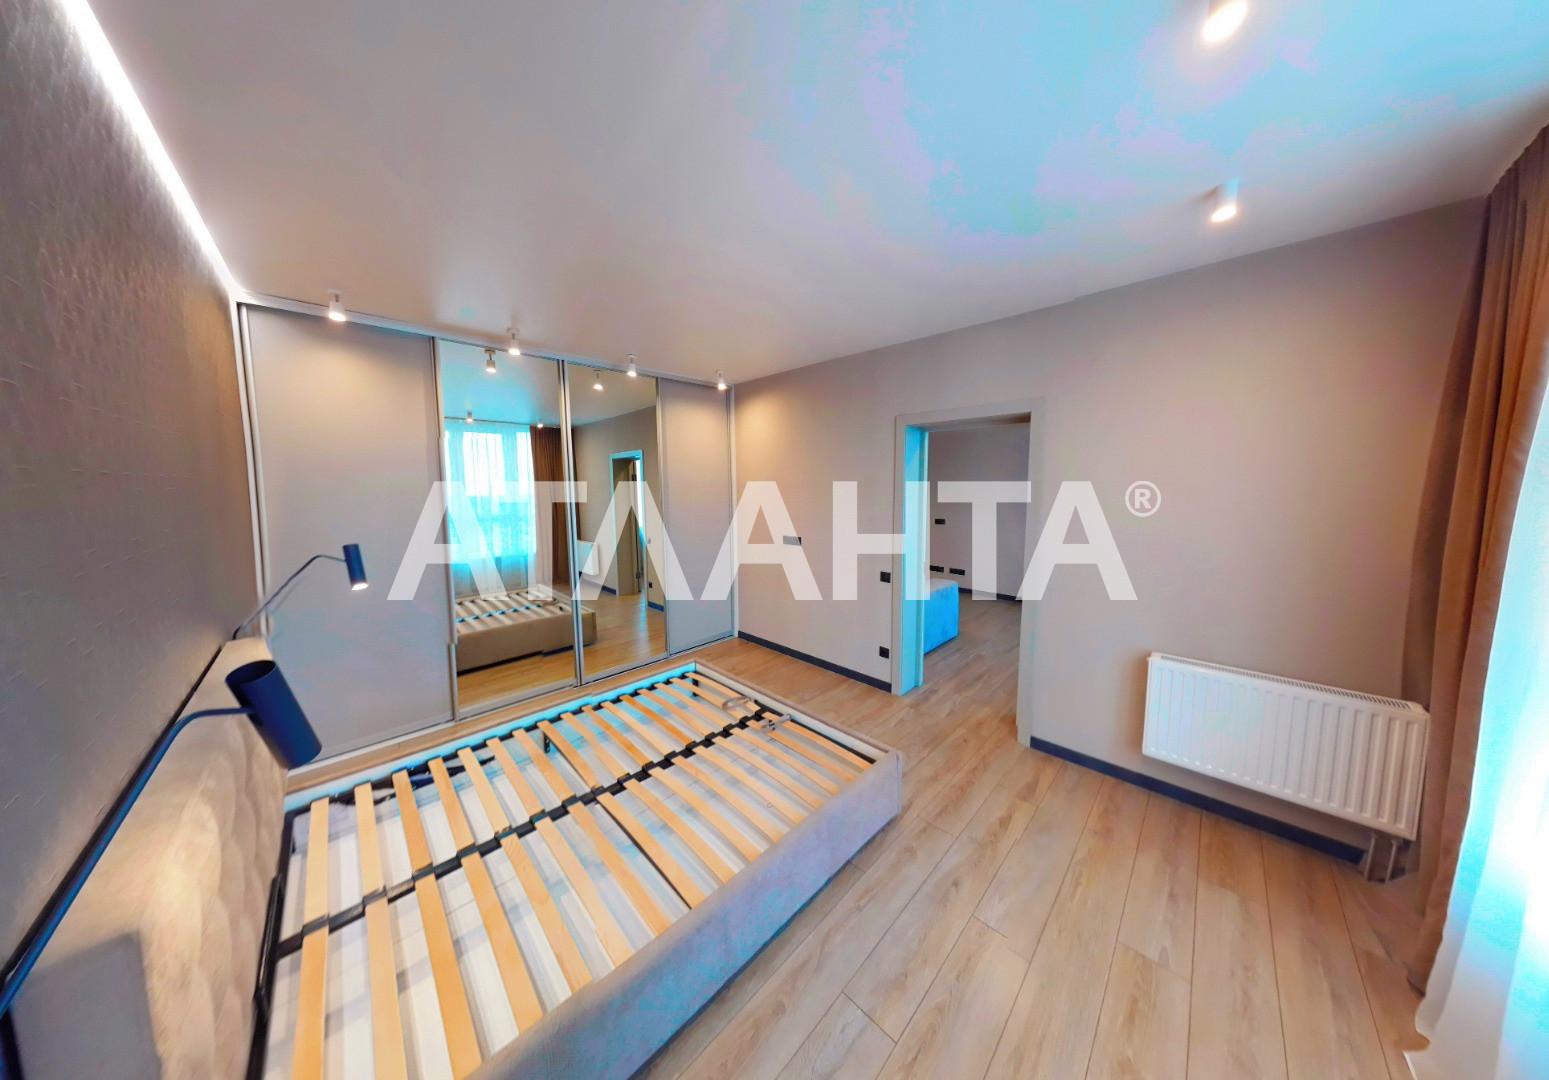 Продается 2-комнатная Квартира на ул. Конева — 86 000 у.е. (фото №9)